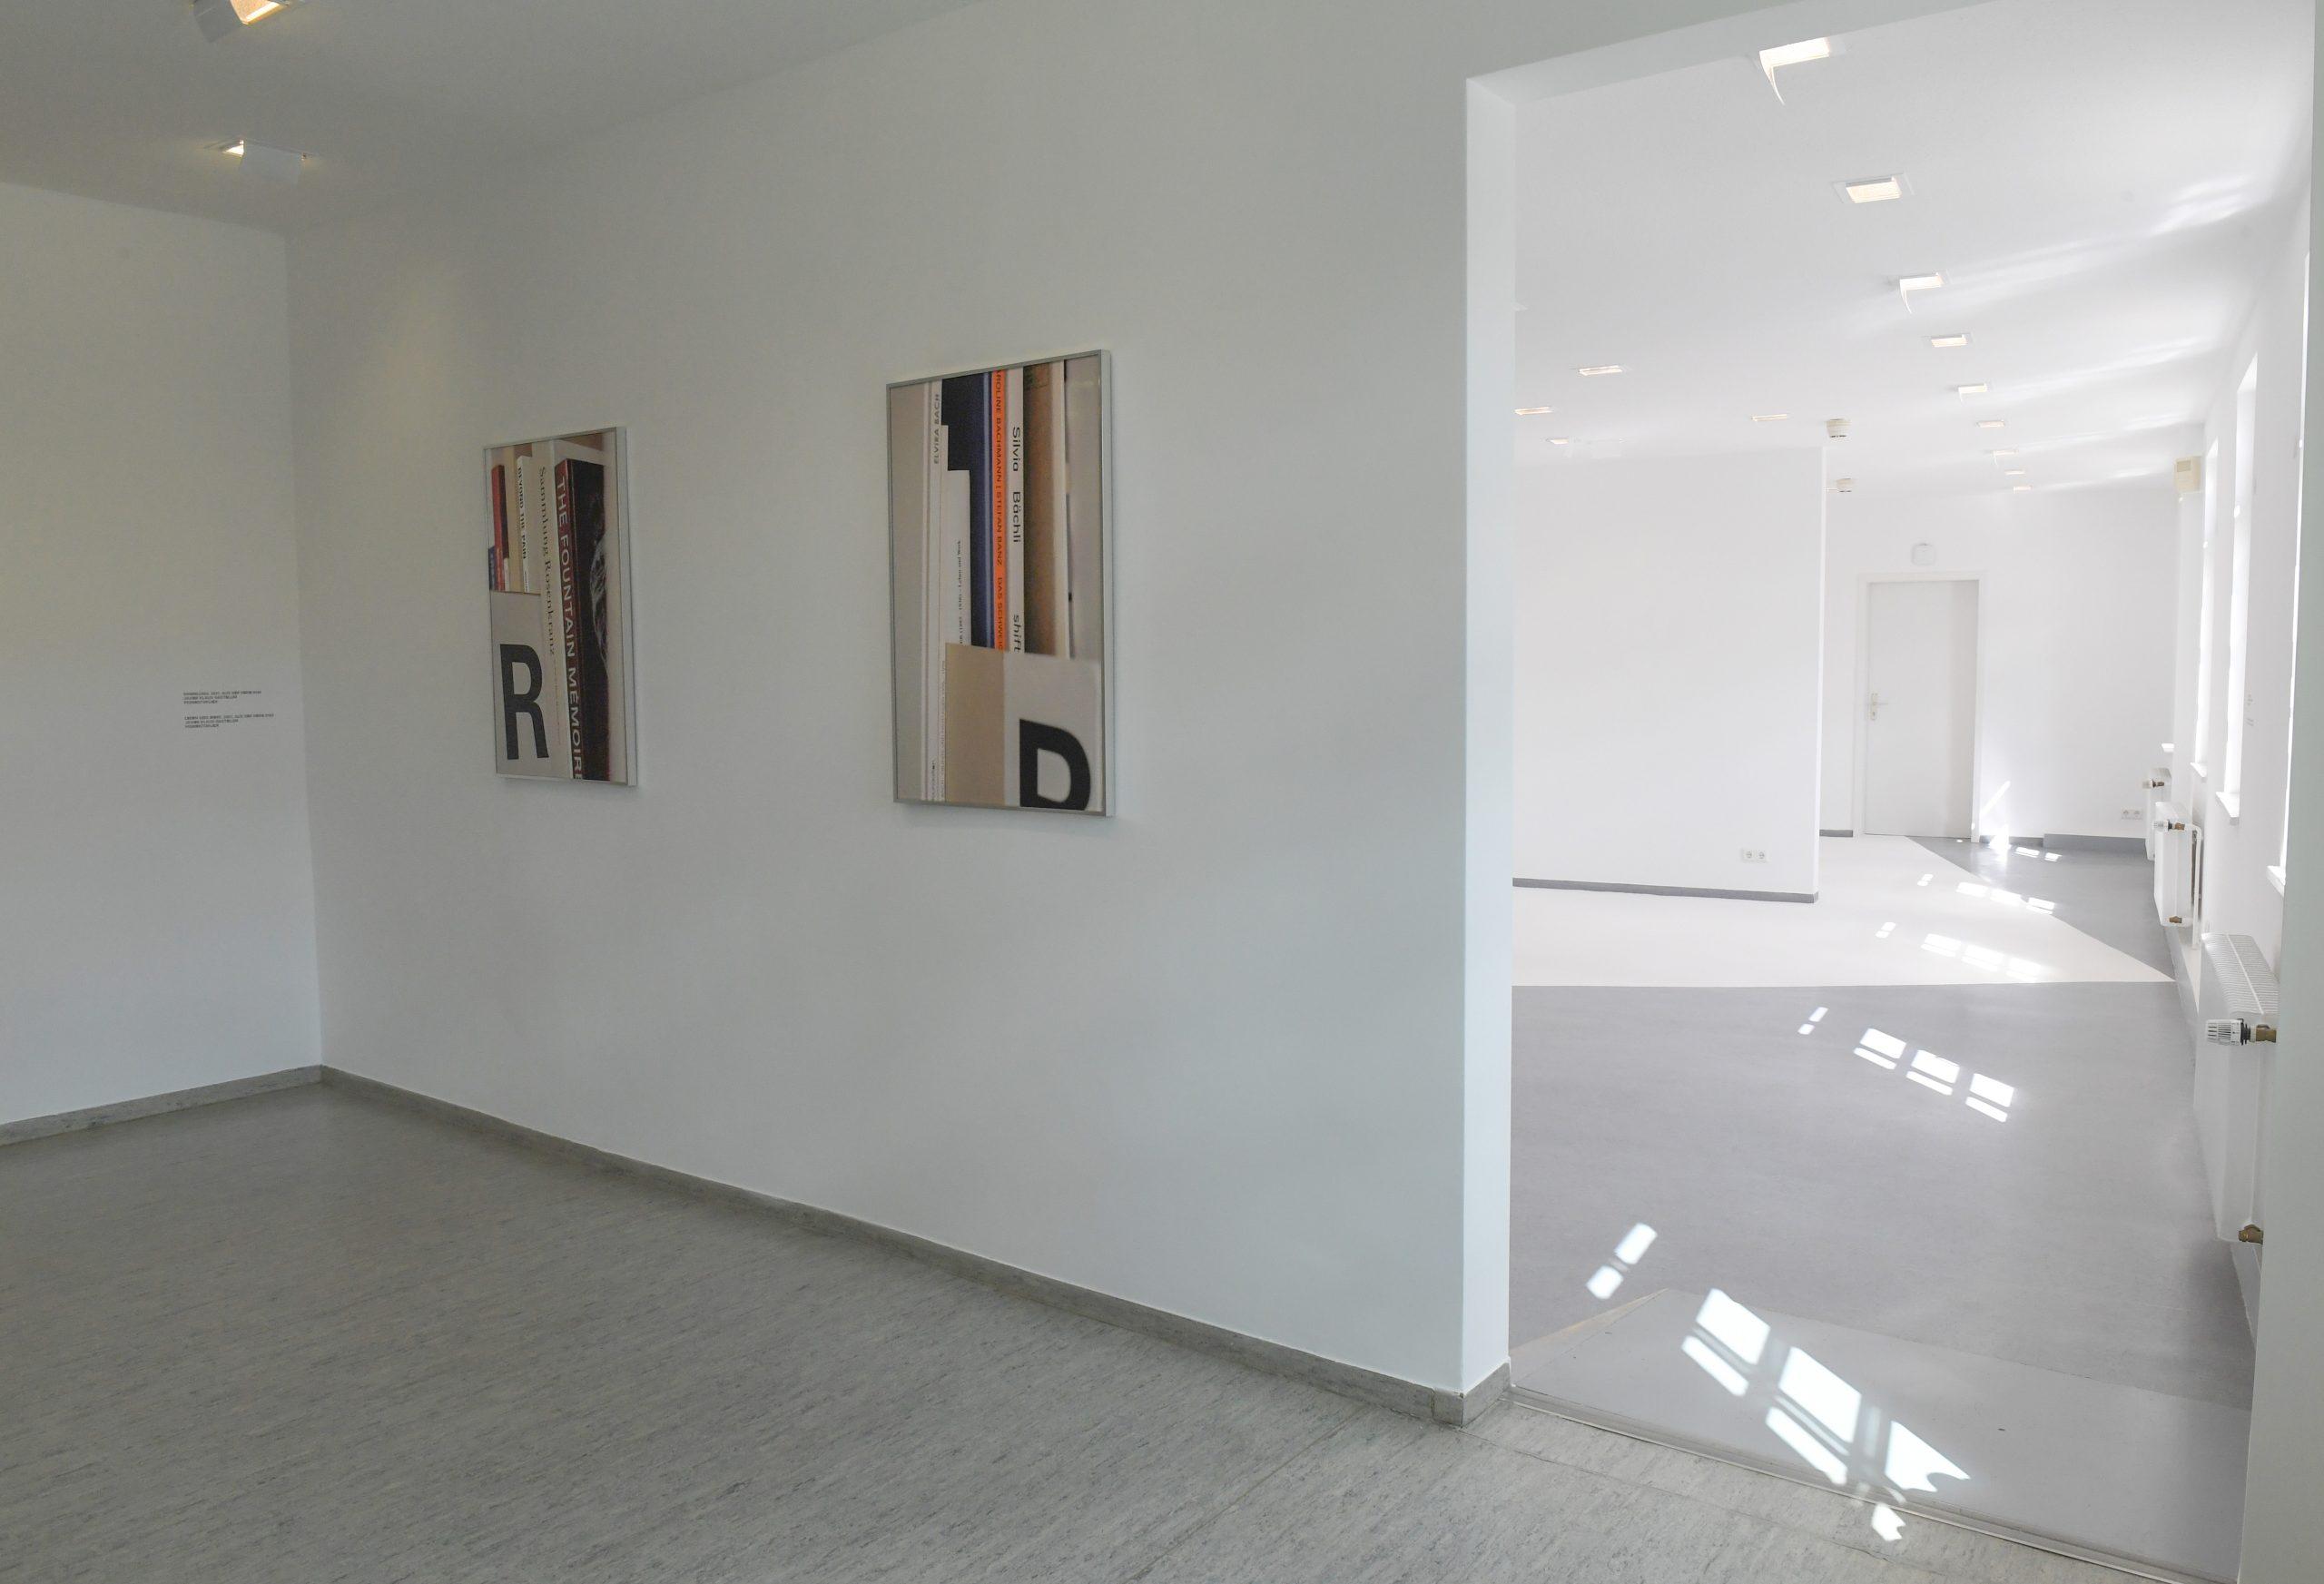 Schirin Kretschmann, Blank (III), 2021